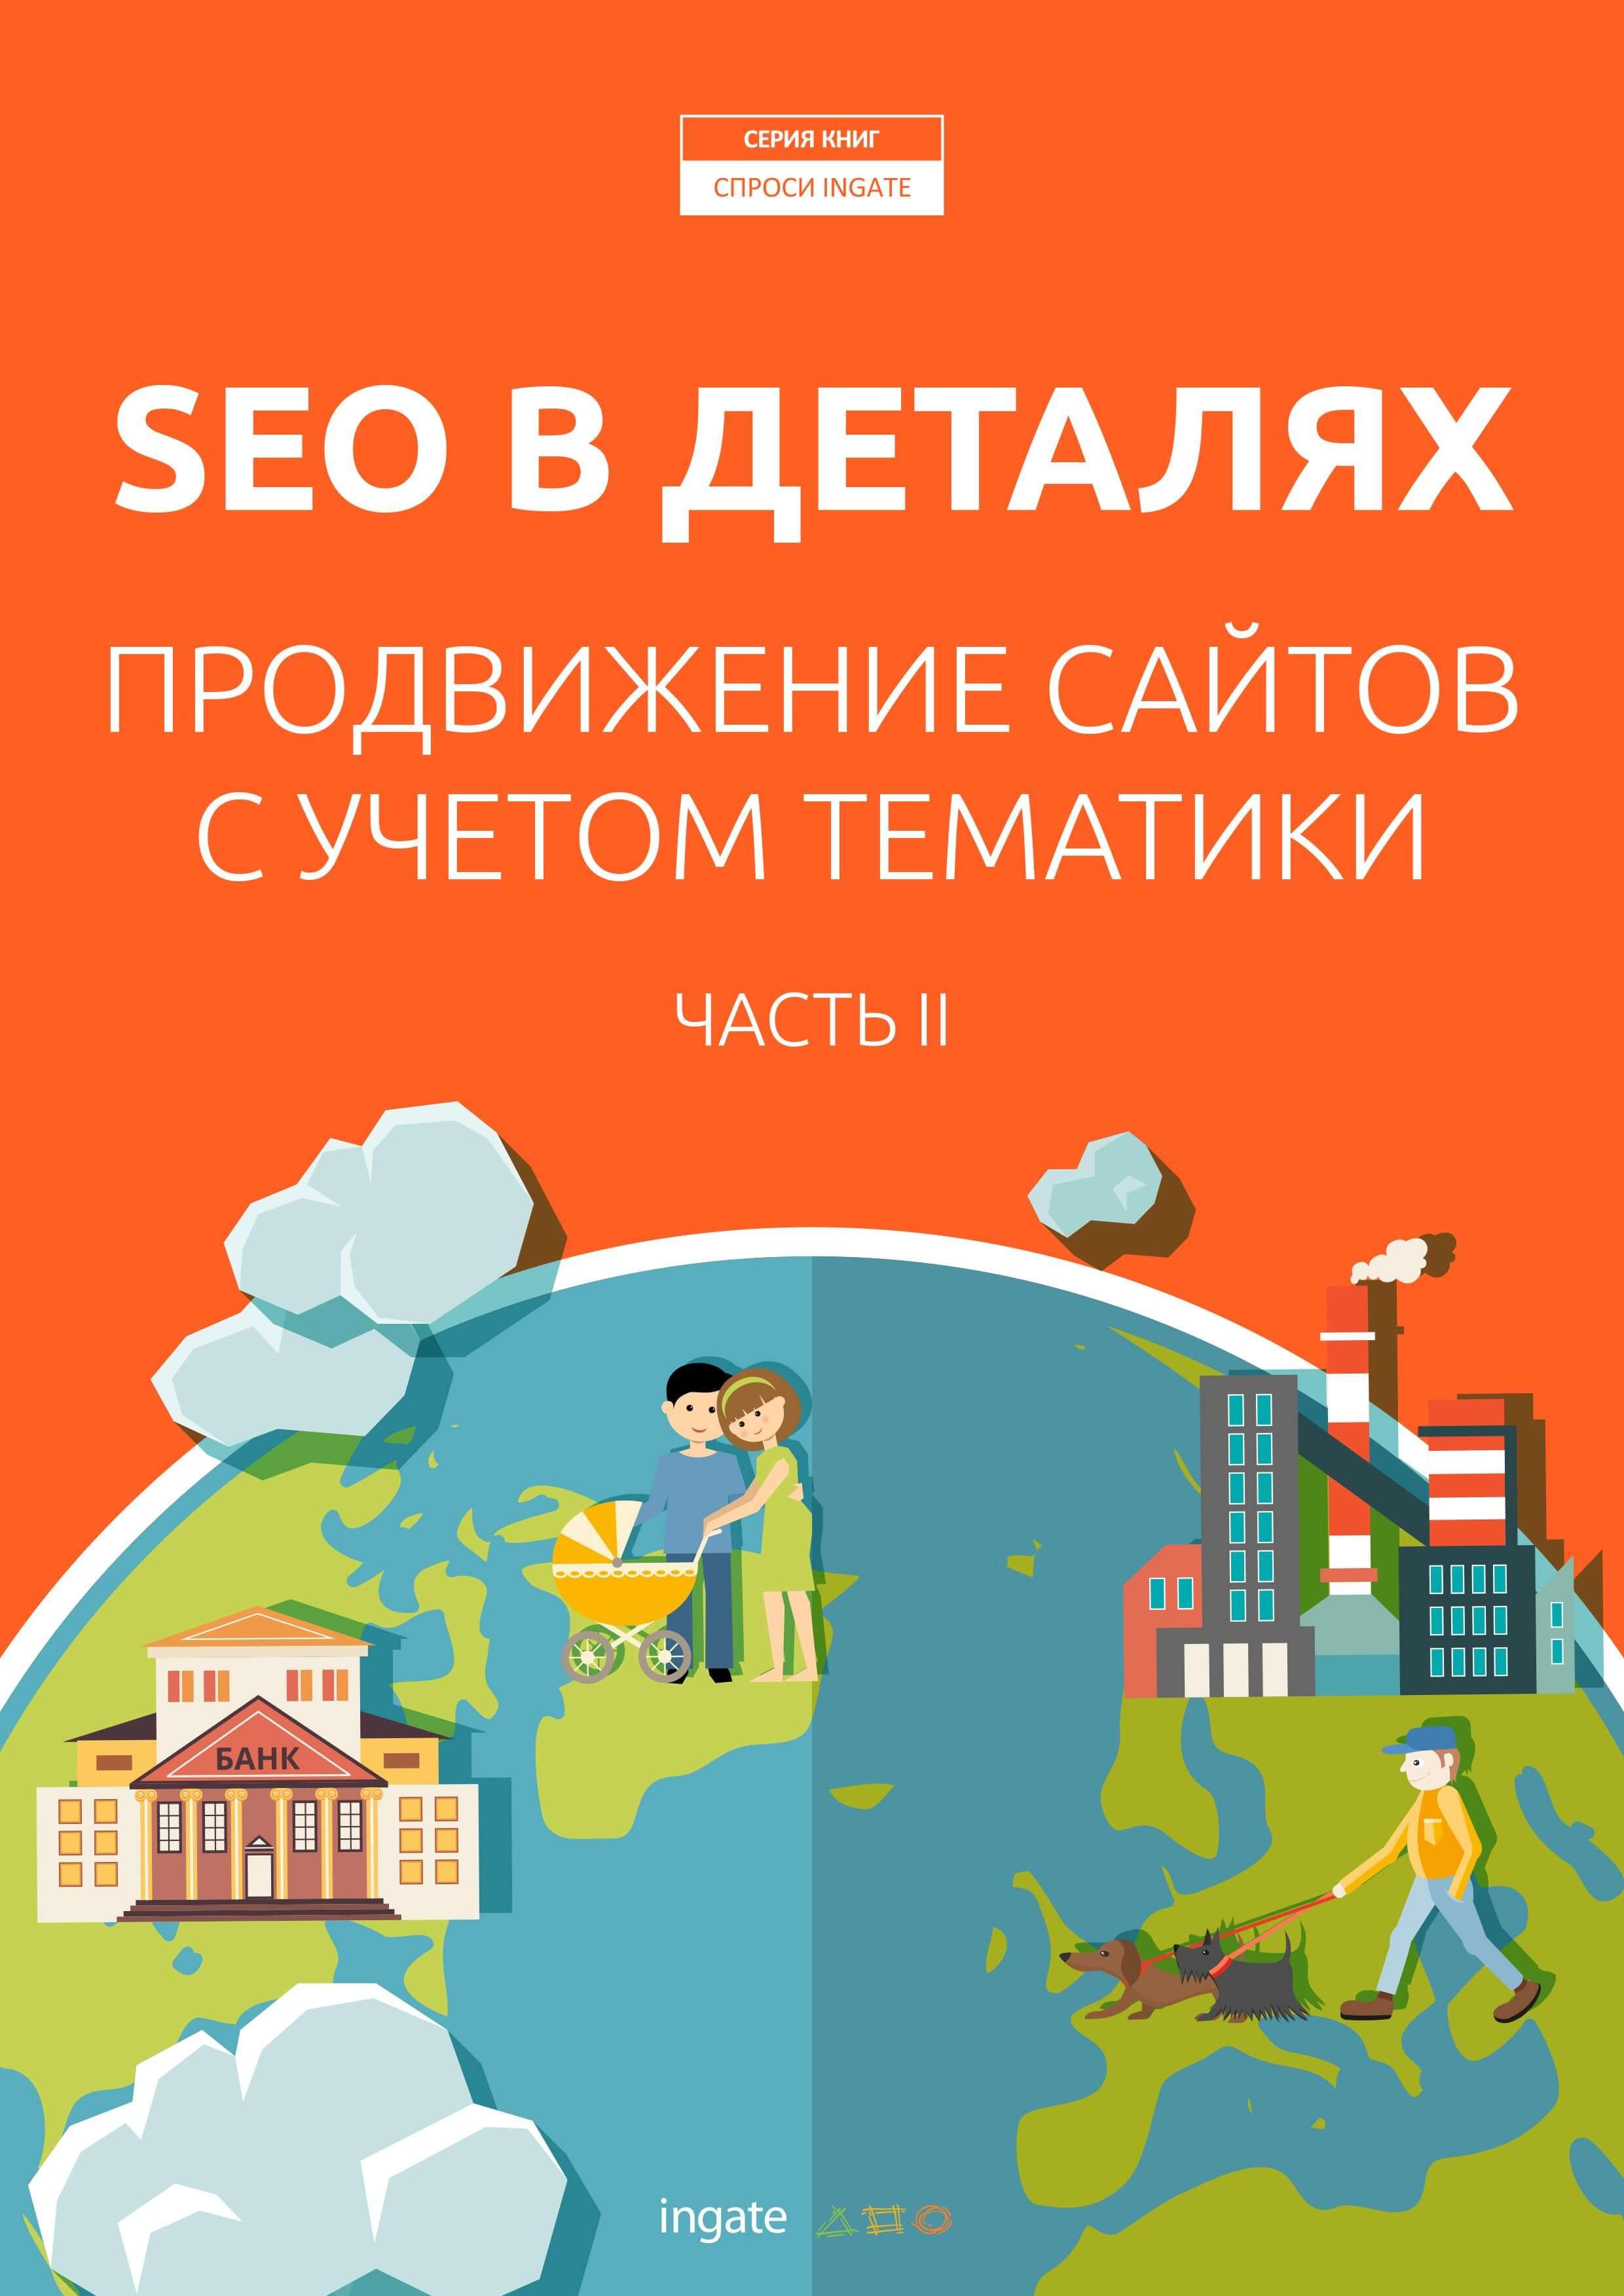 Алексей яковлев раскрутка и продвижение сайтов.основы секреты трюки скачать как сделать красивый сайт с помощью ucoz